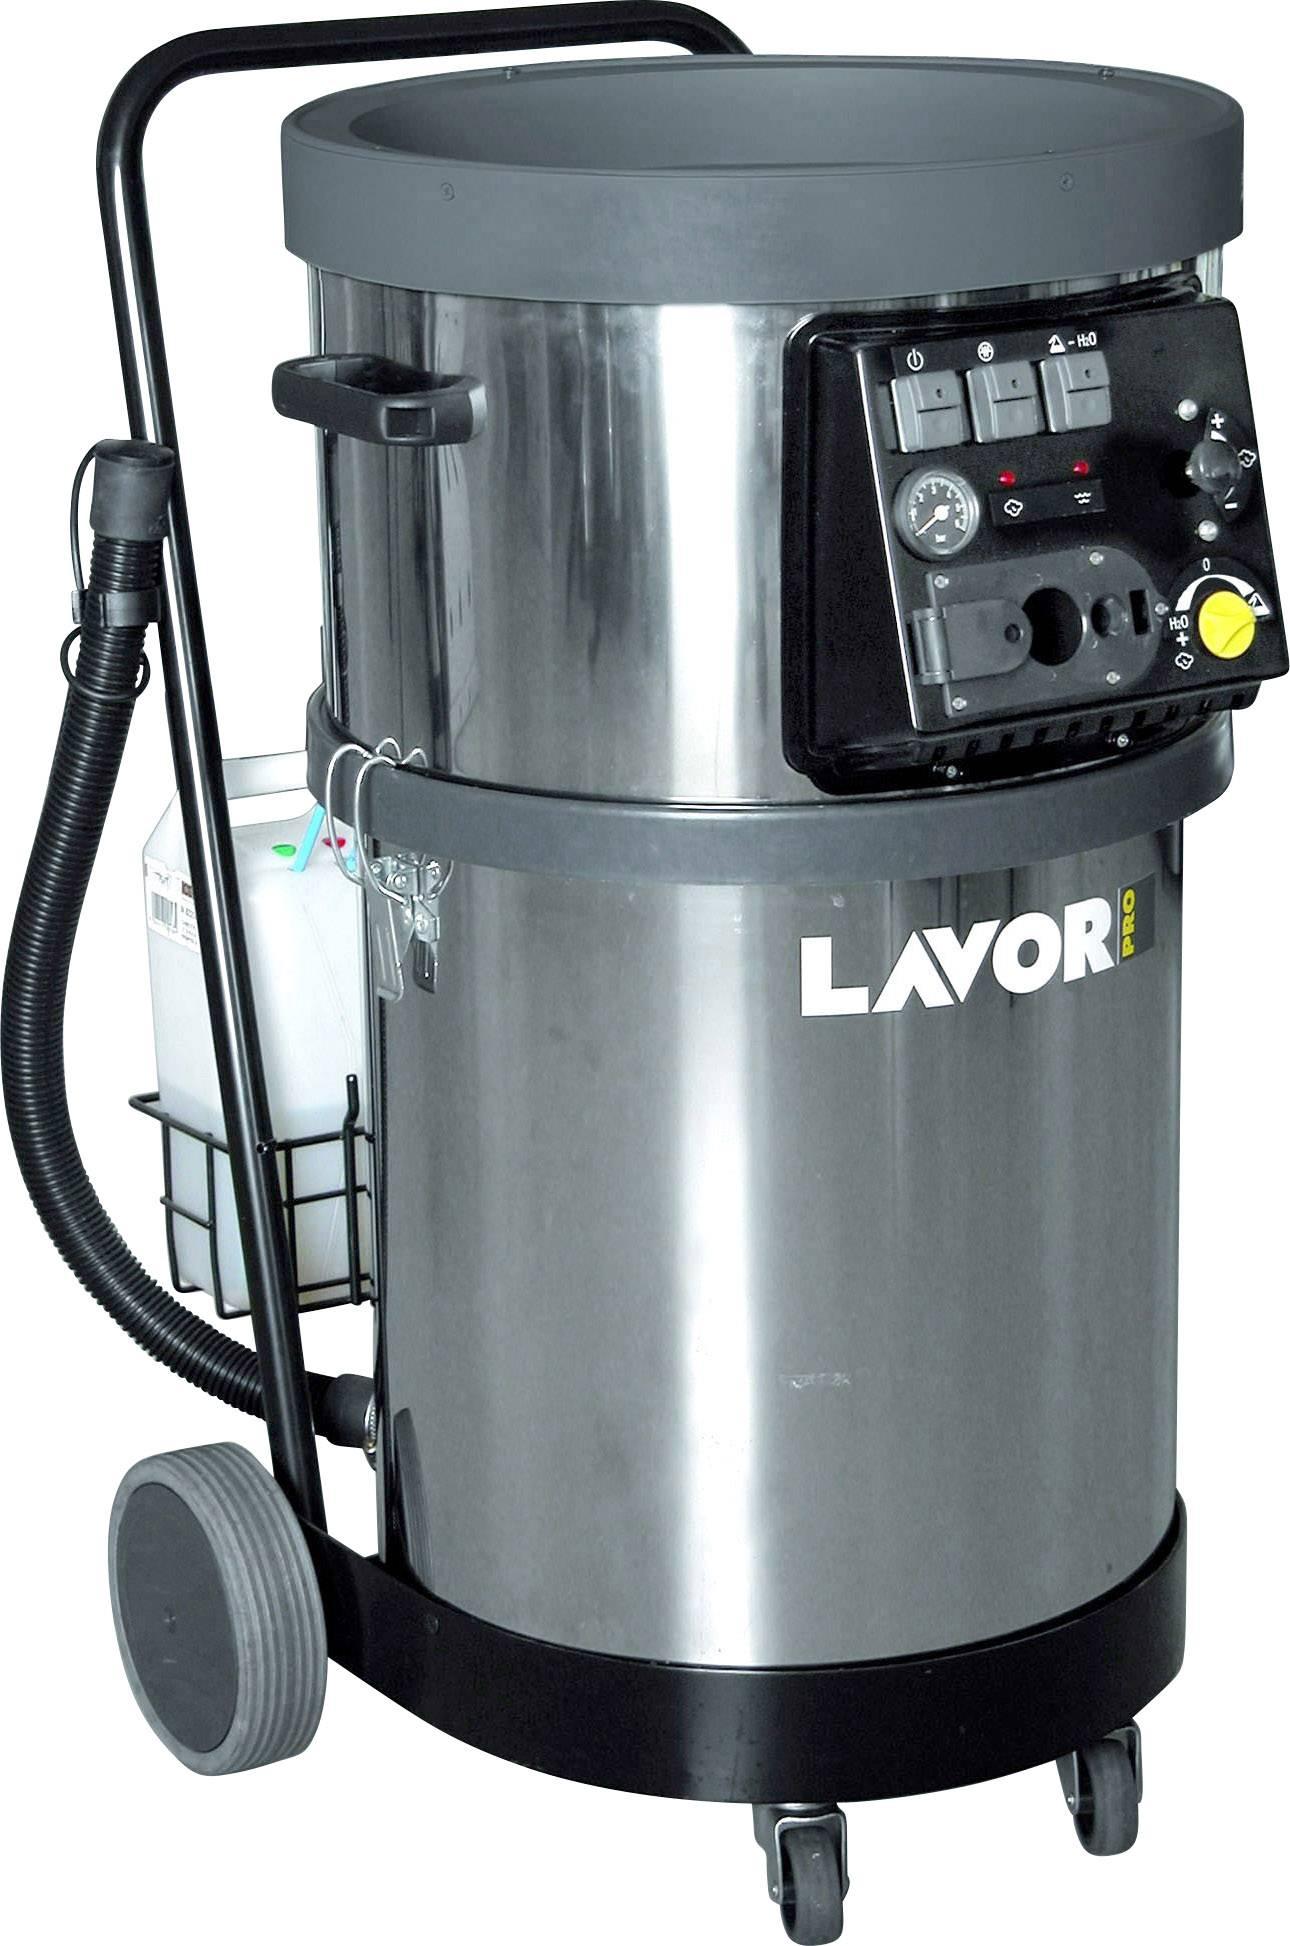 Parní čistič Lavor GV Etna 4000 Plus 8.451.0101, 1100 W, šedostříbrná